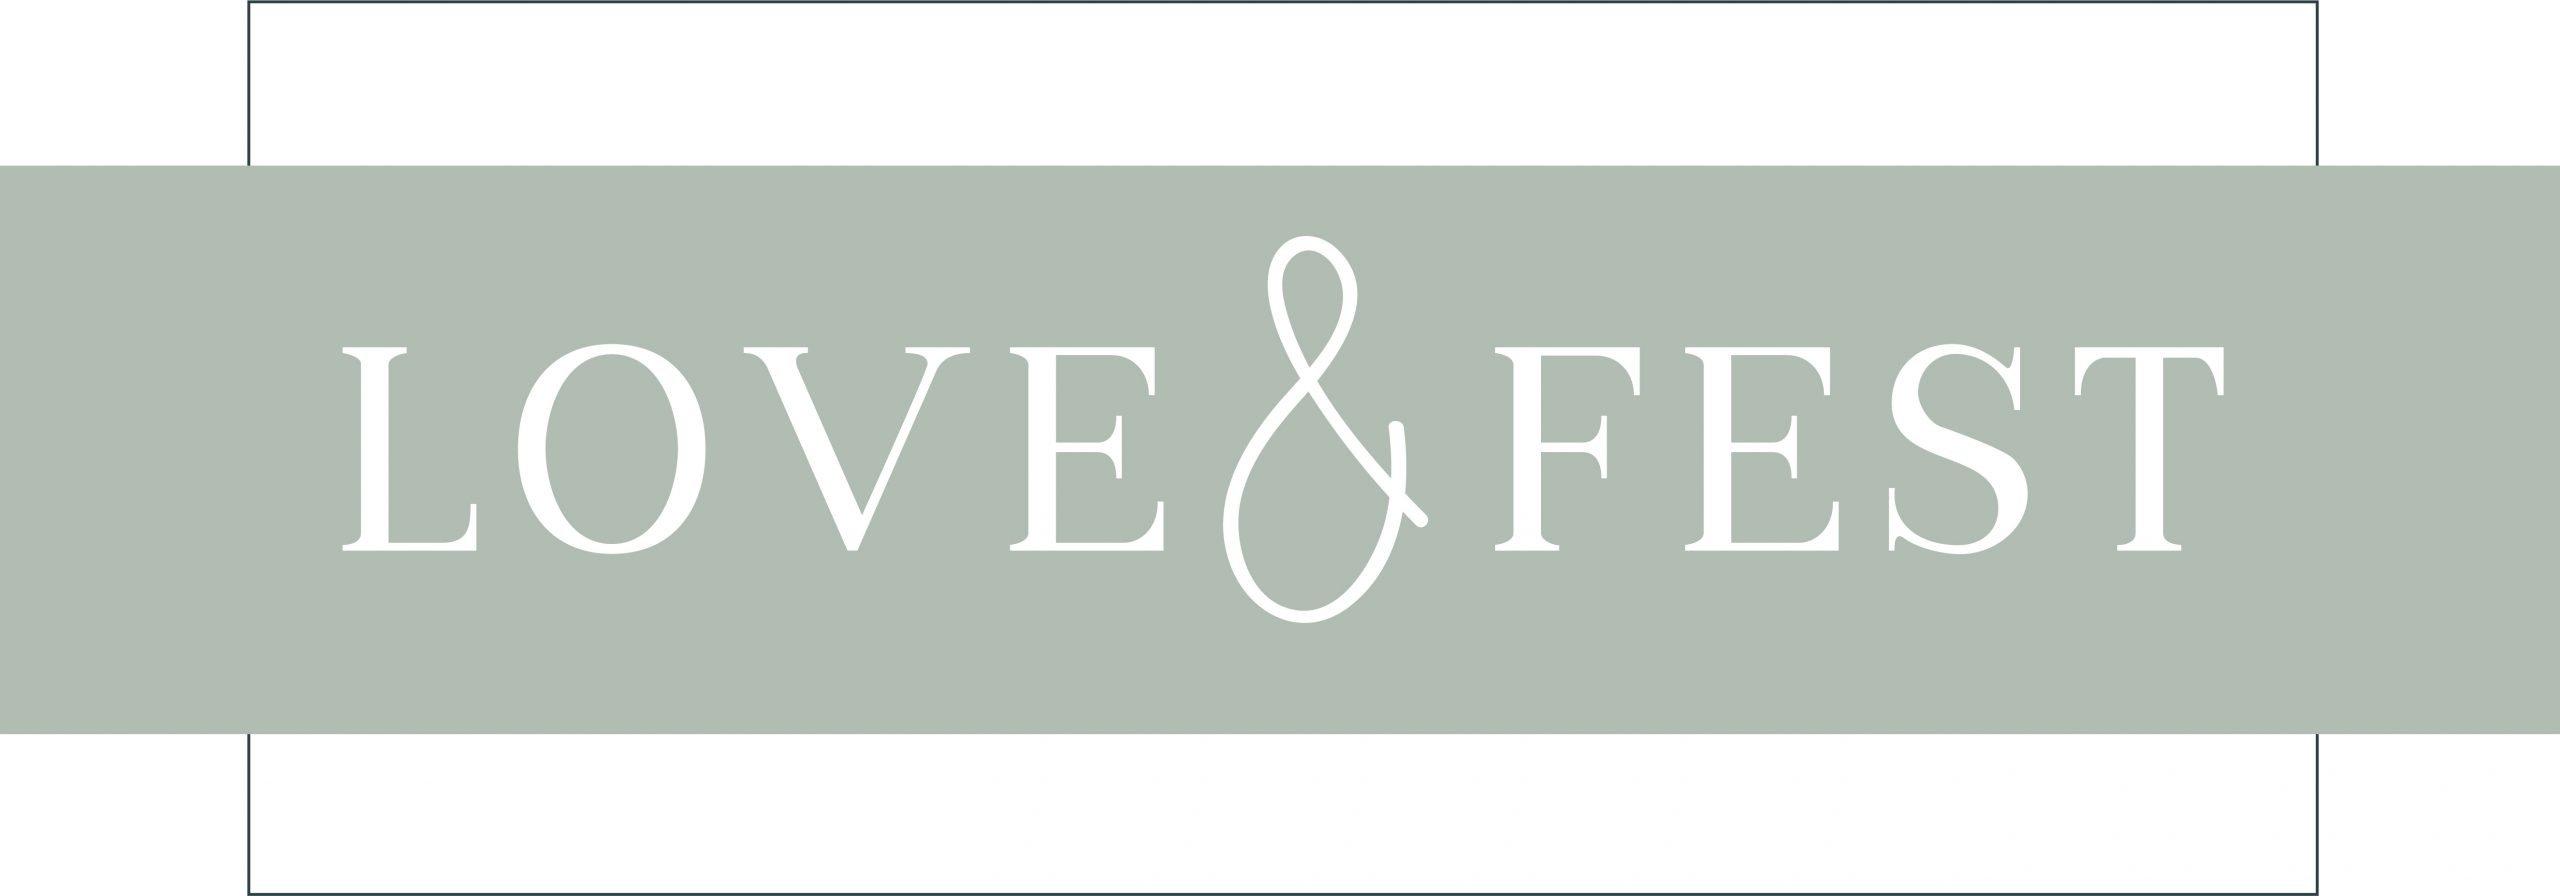 LOVE&FEST LOGO